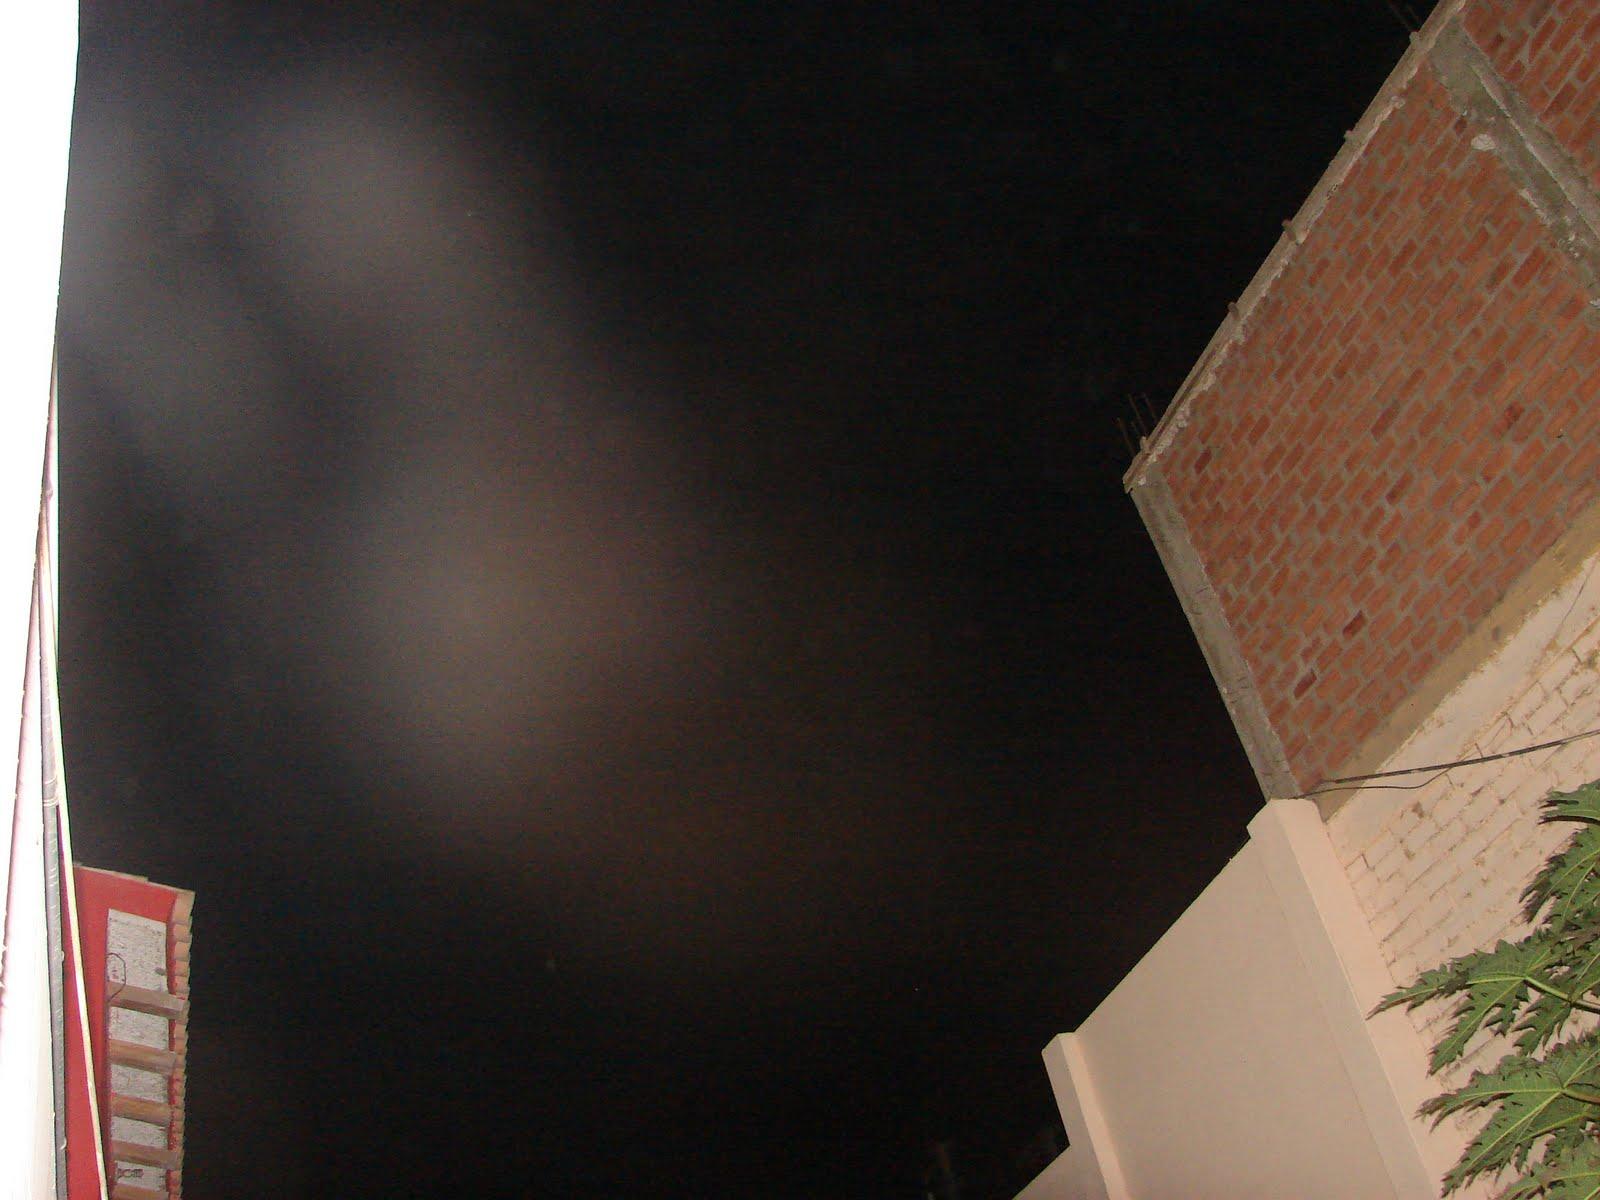 ATENCION-27-junio-28-29-30...2011 Ovni triangular negro y EY sobre el cabeza grande cuerpo delgado